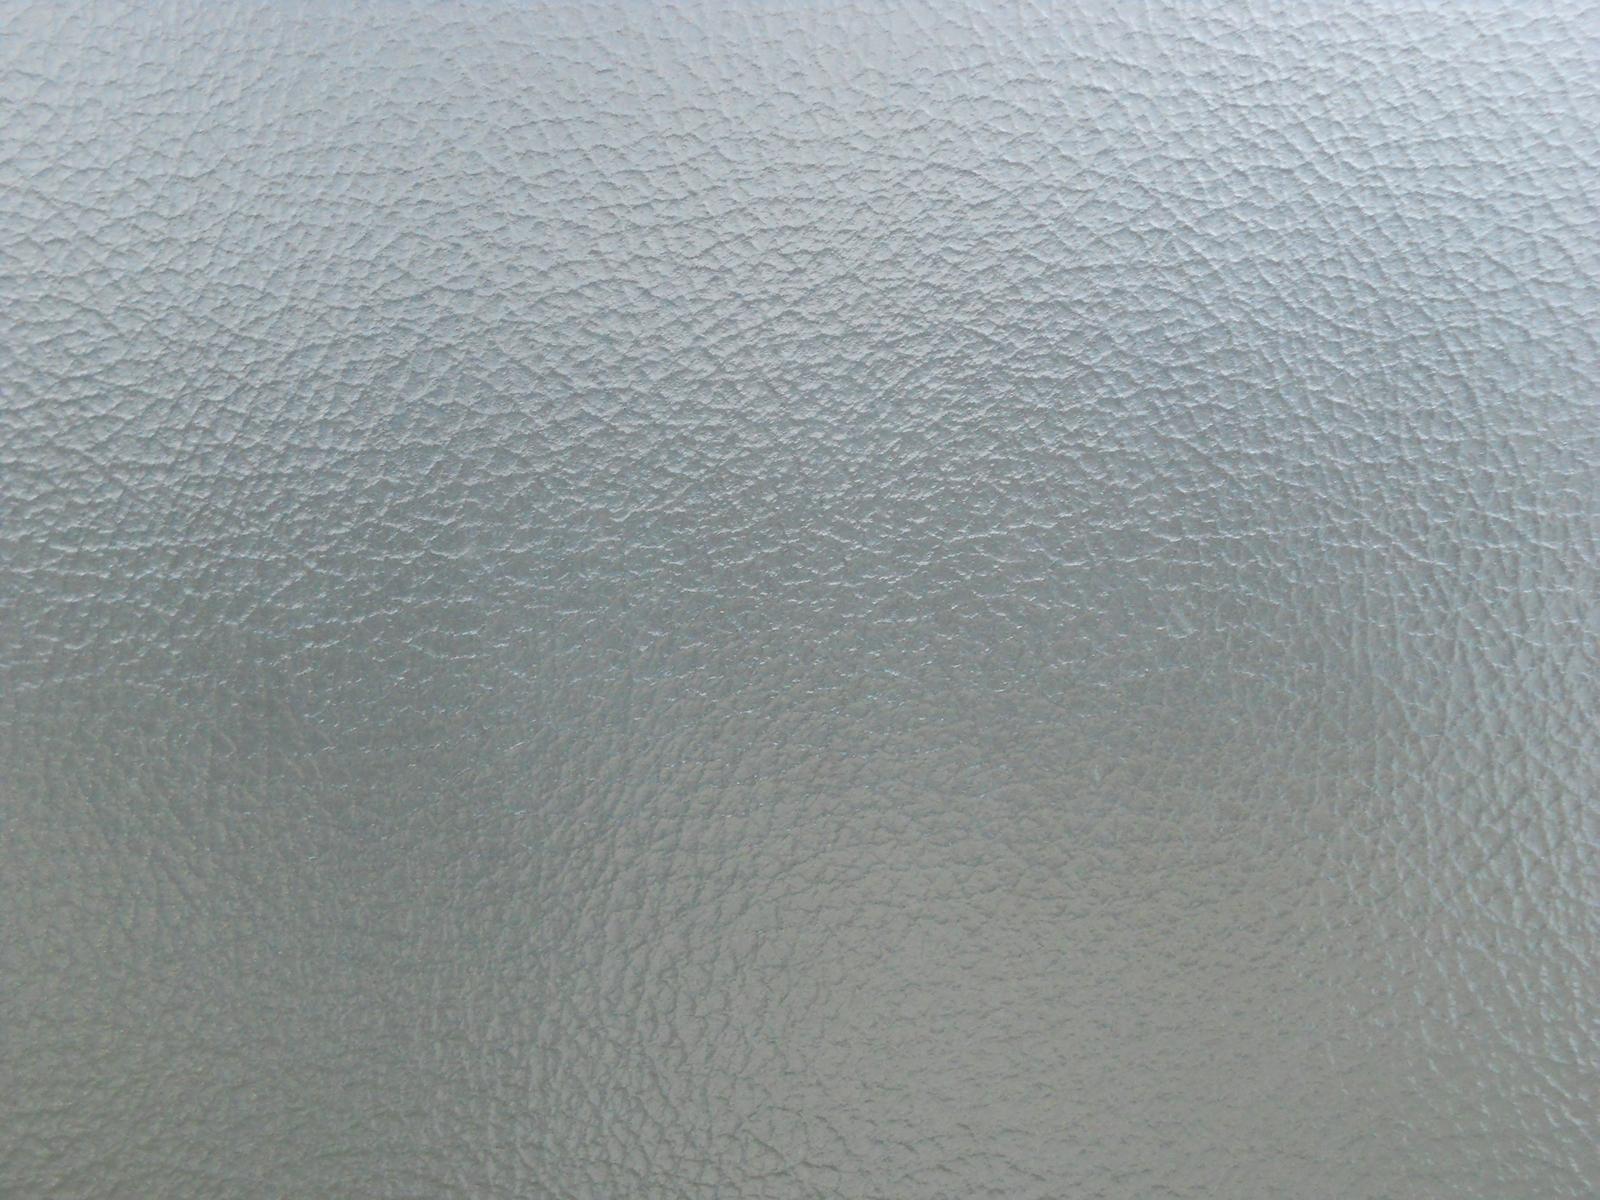 Privacy Glass Texture by BLUEamnesiac